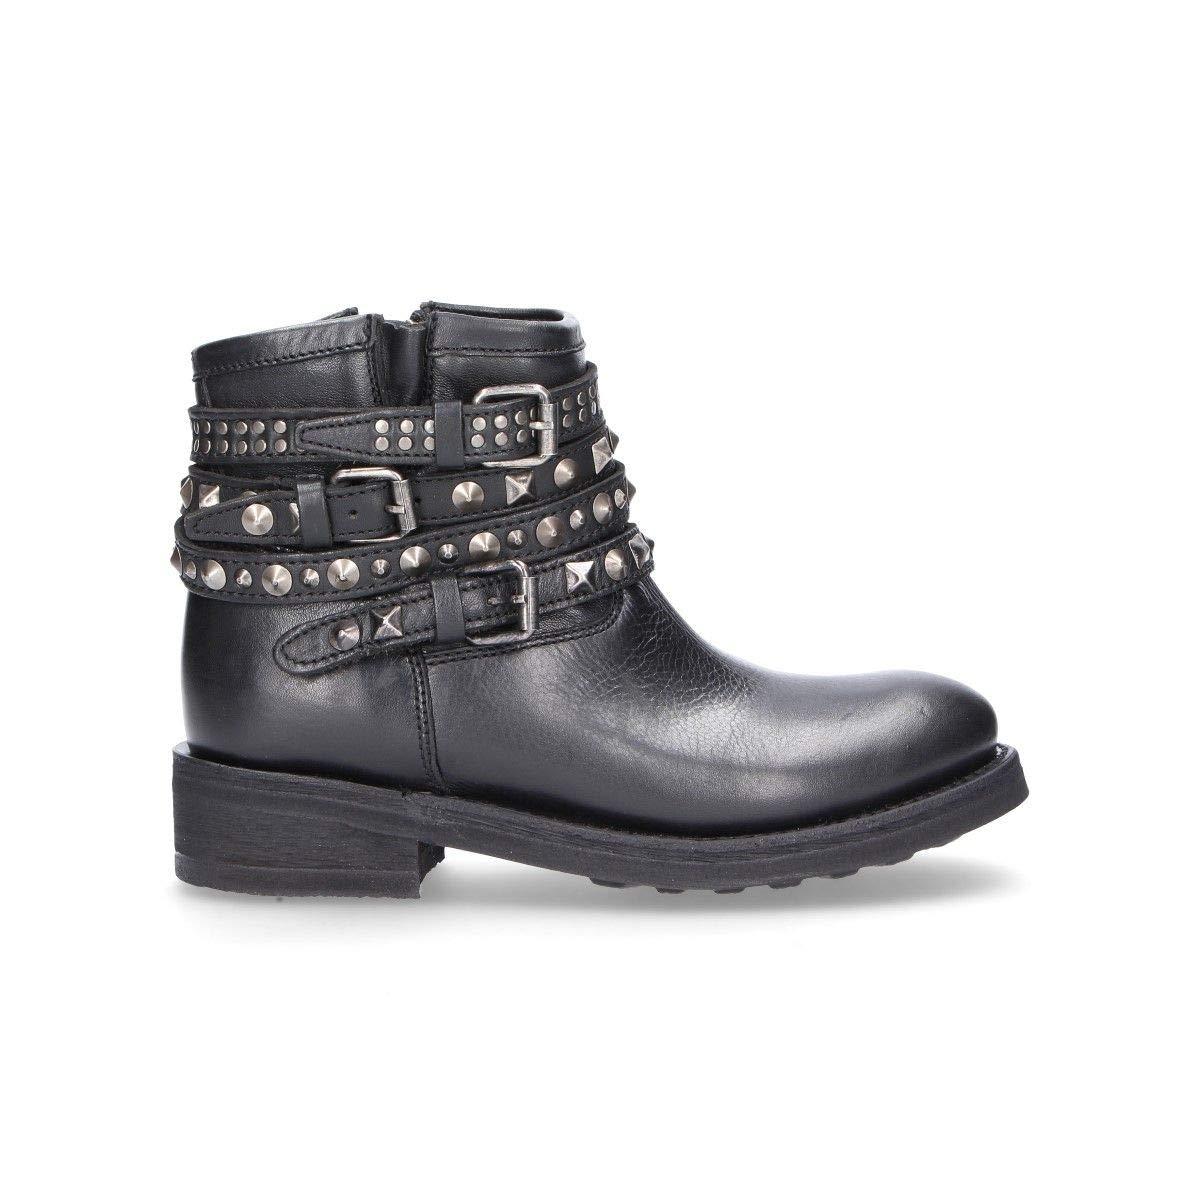 ASH Damen Damen Damen S18TATUMschwarz Schwarz Leder Stiefeletten 955a25